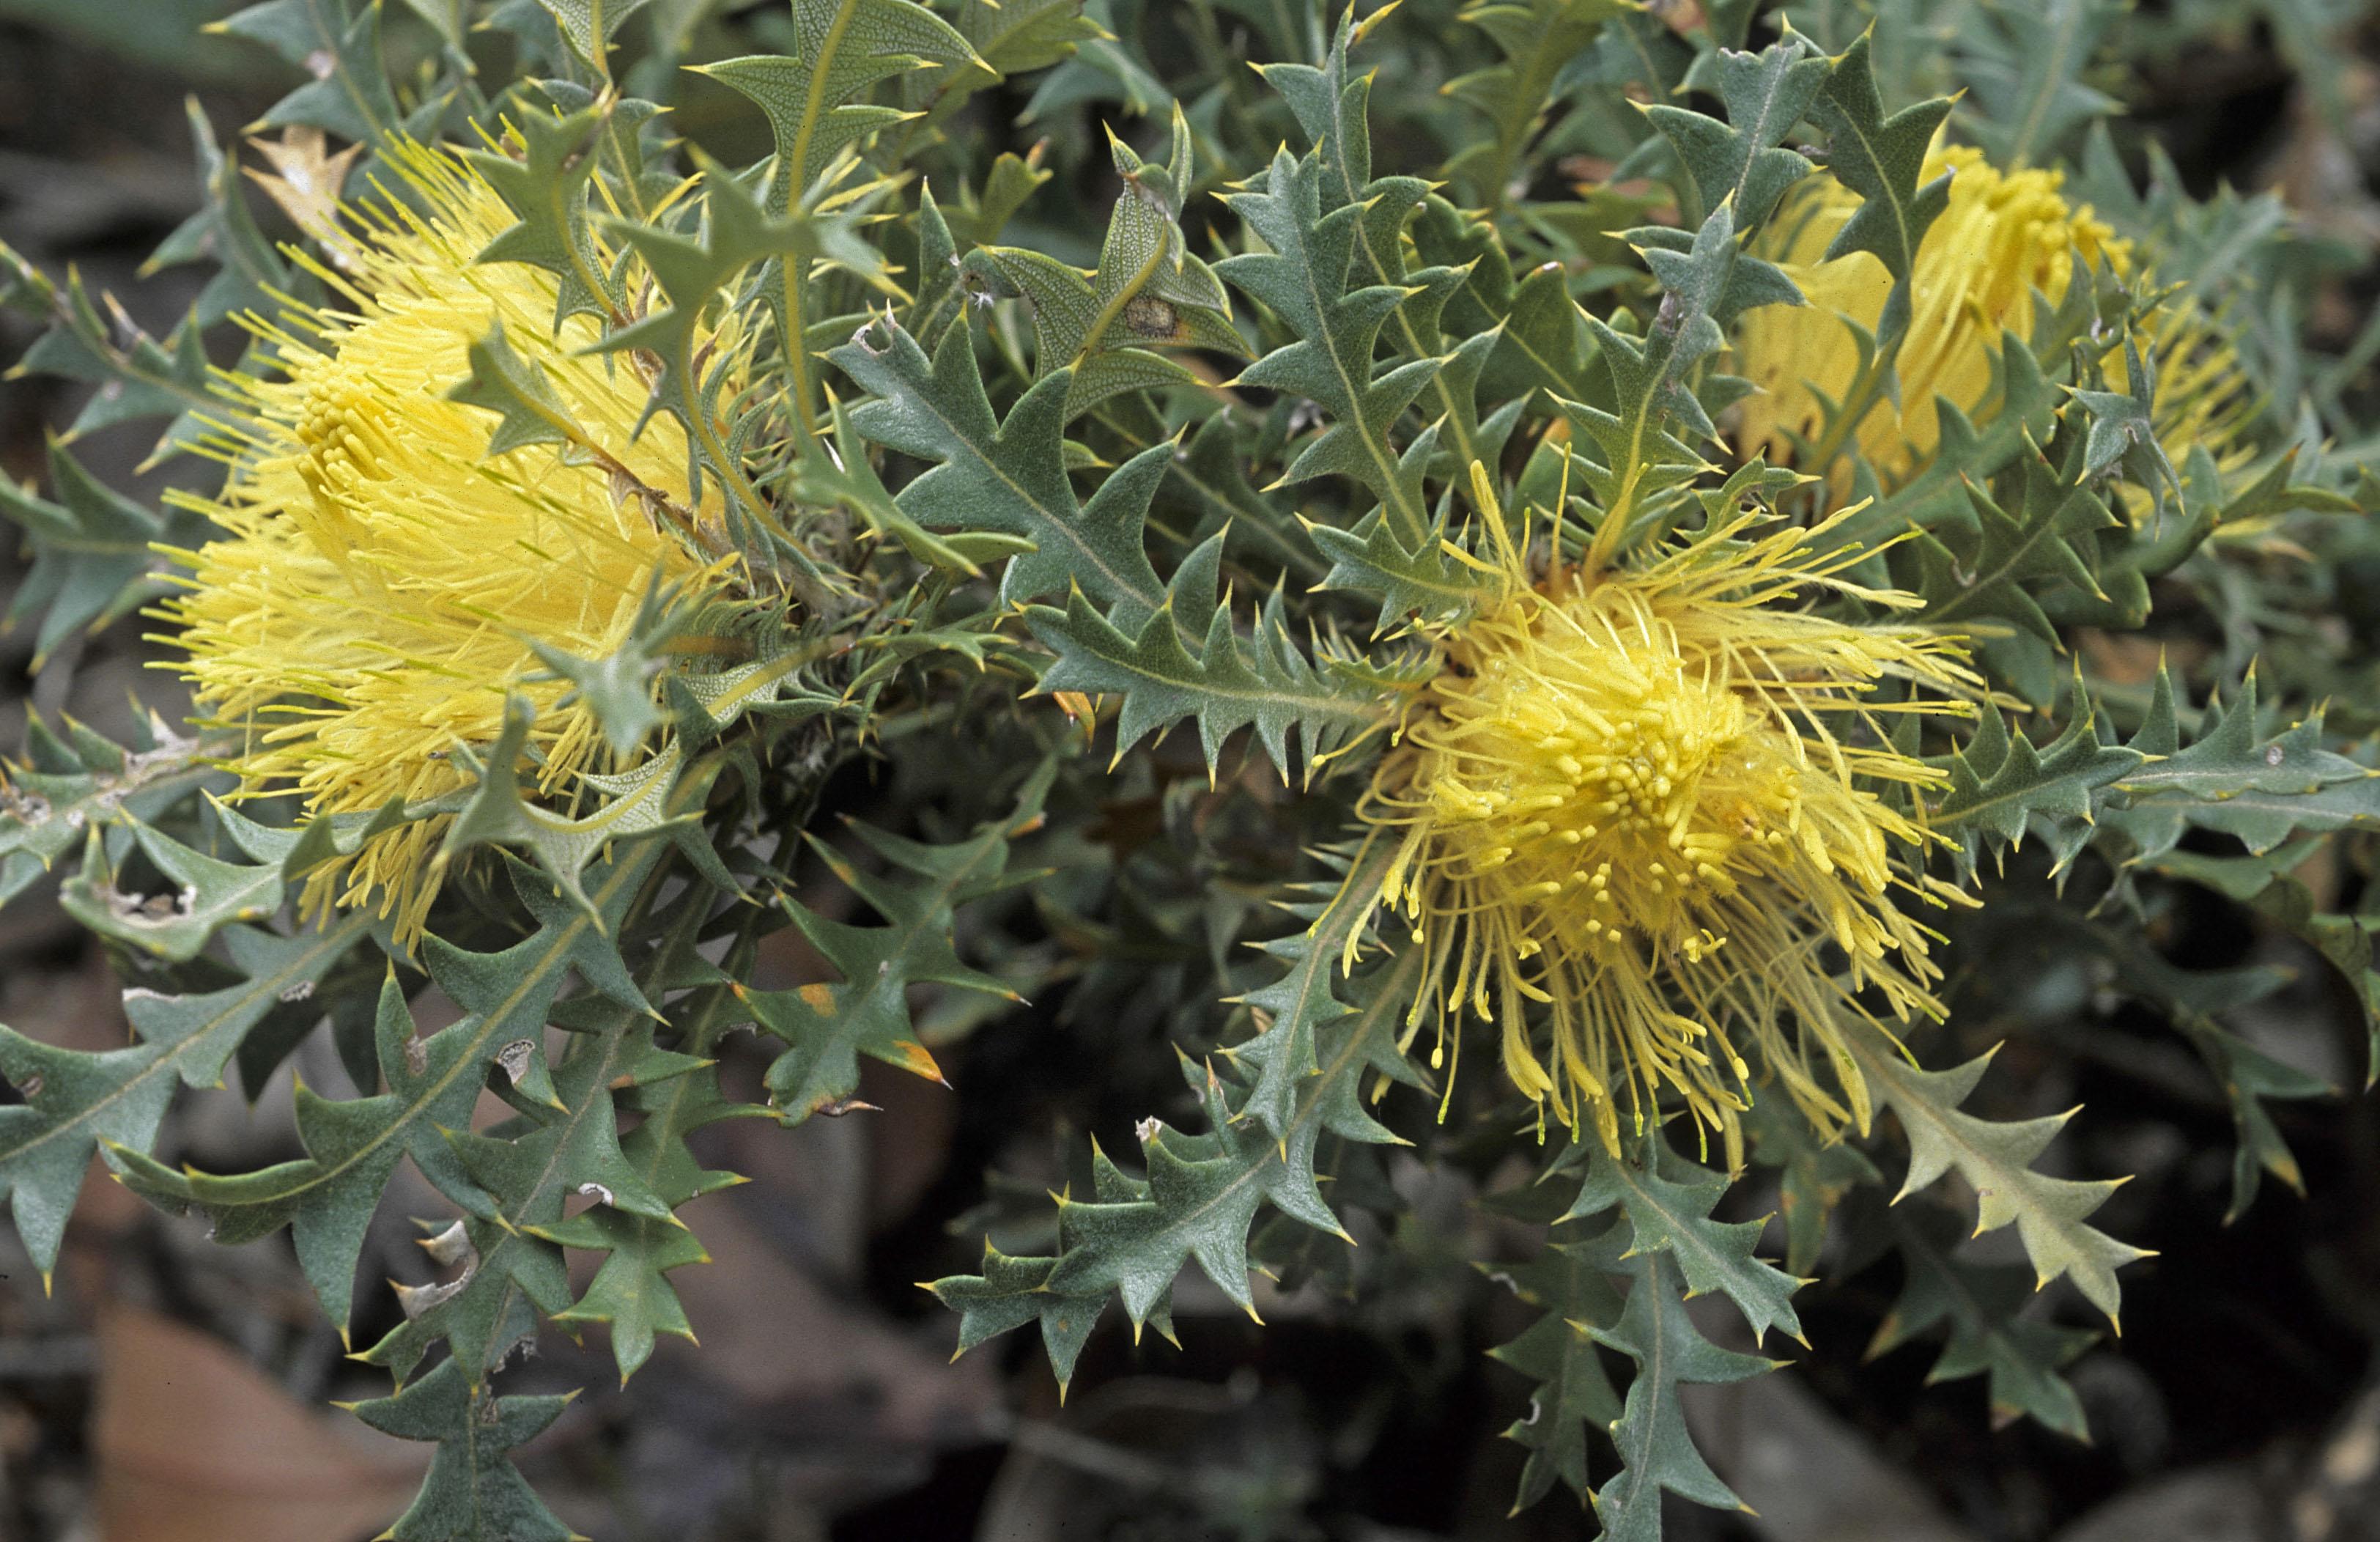 Dryandra armata